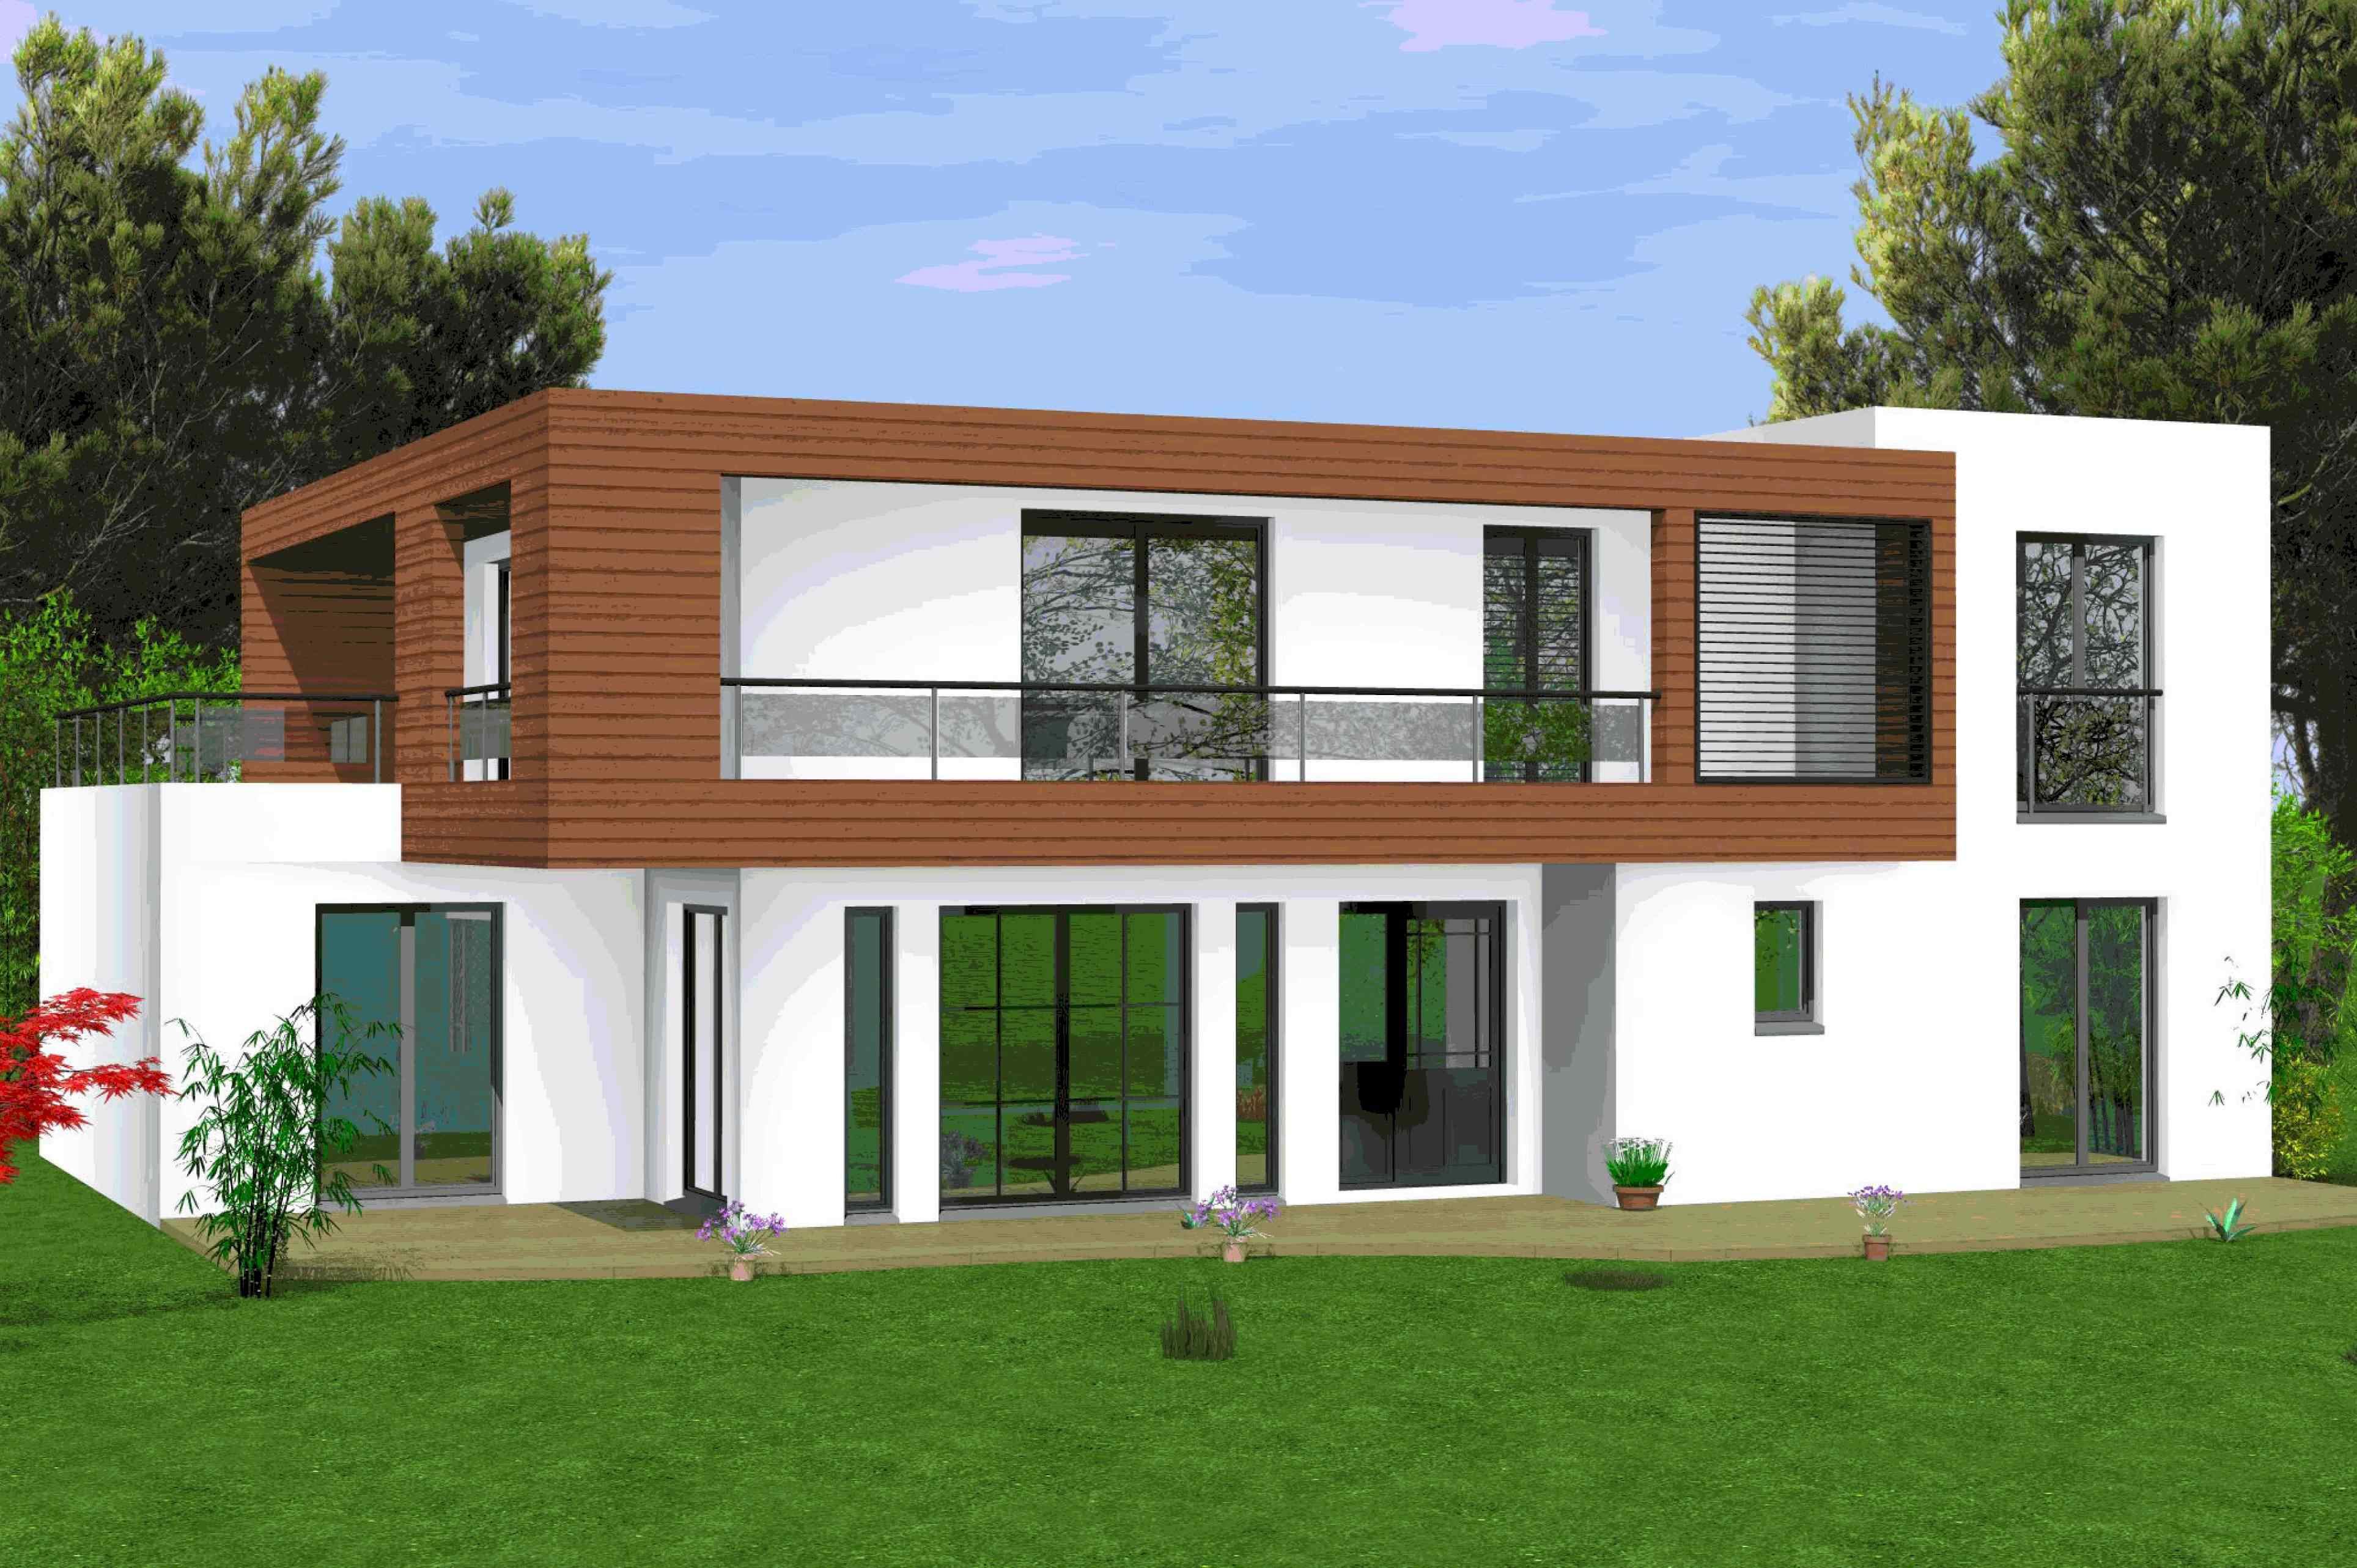 permis de construire permis de construire architecte c b. Black Bedroom Furniture Sets. Home Design Ideas